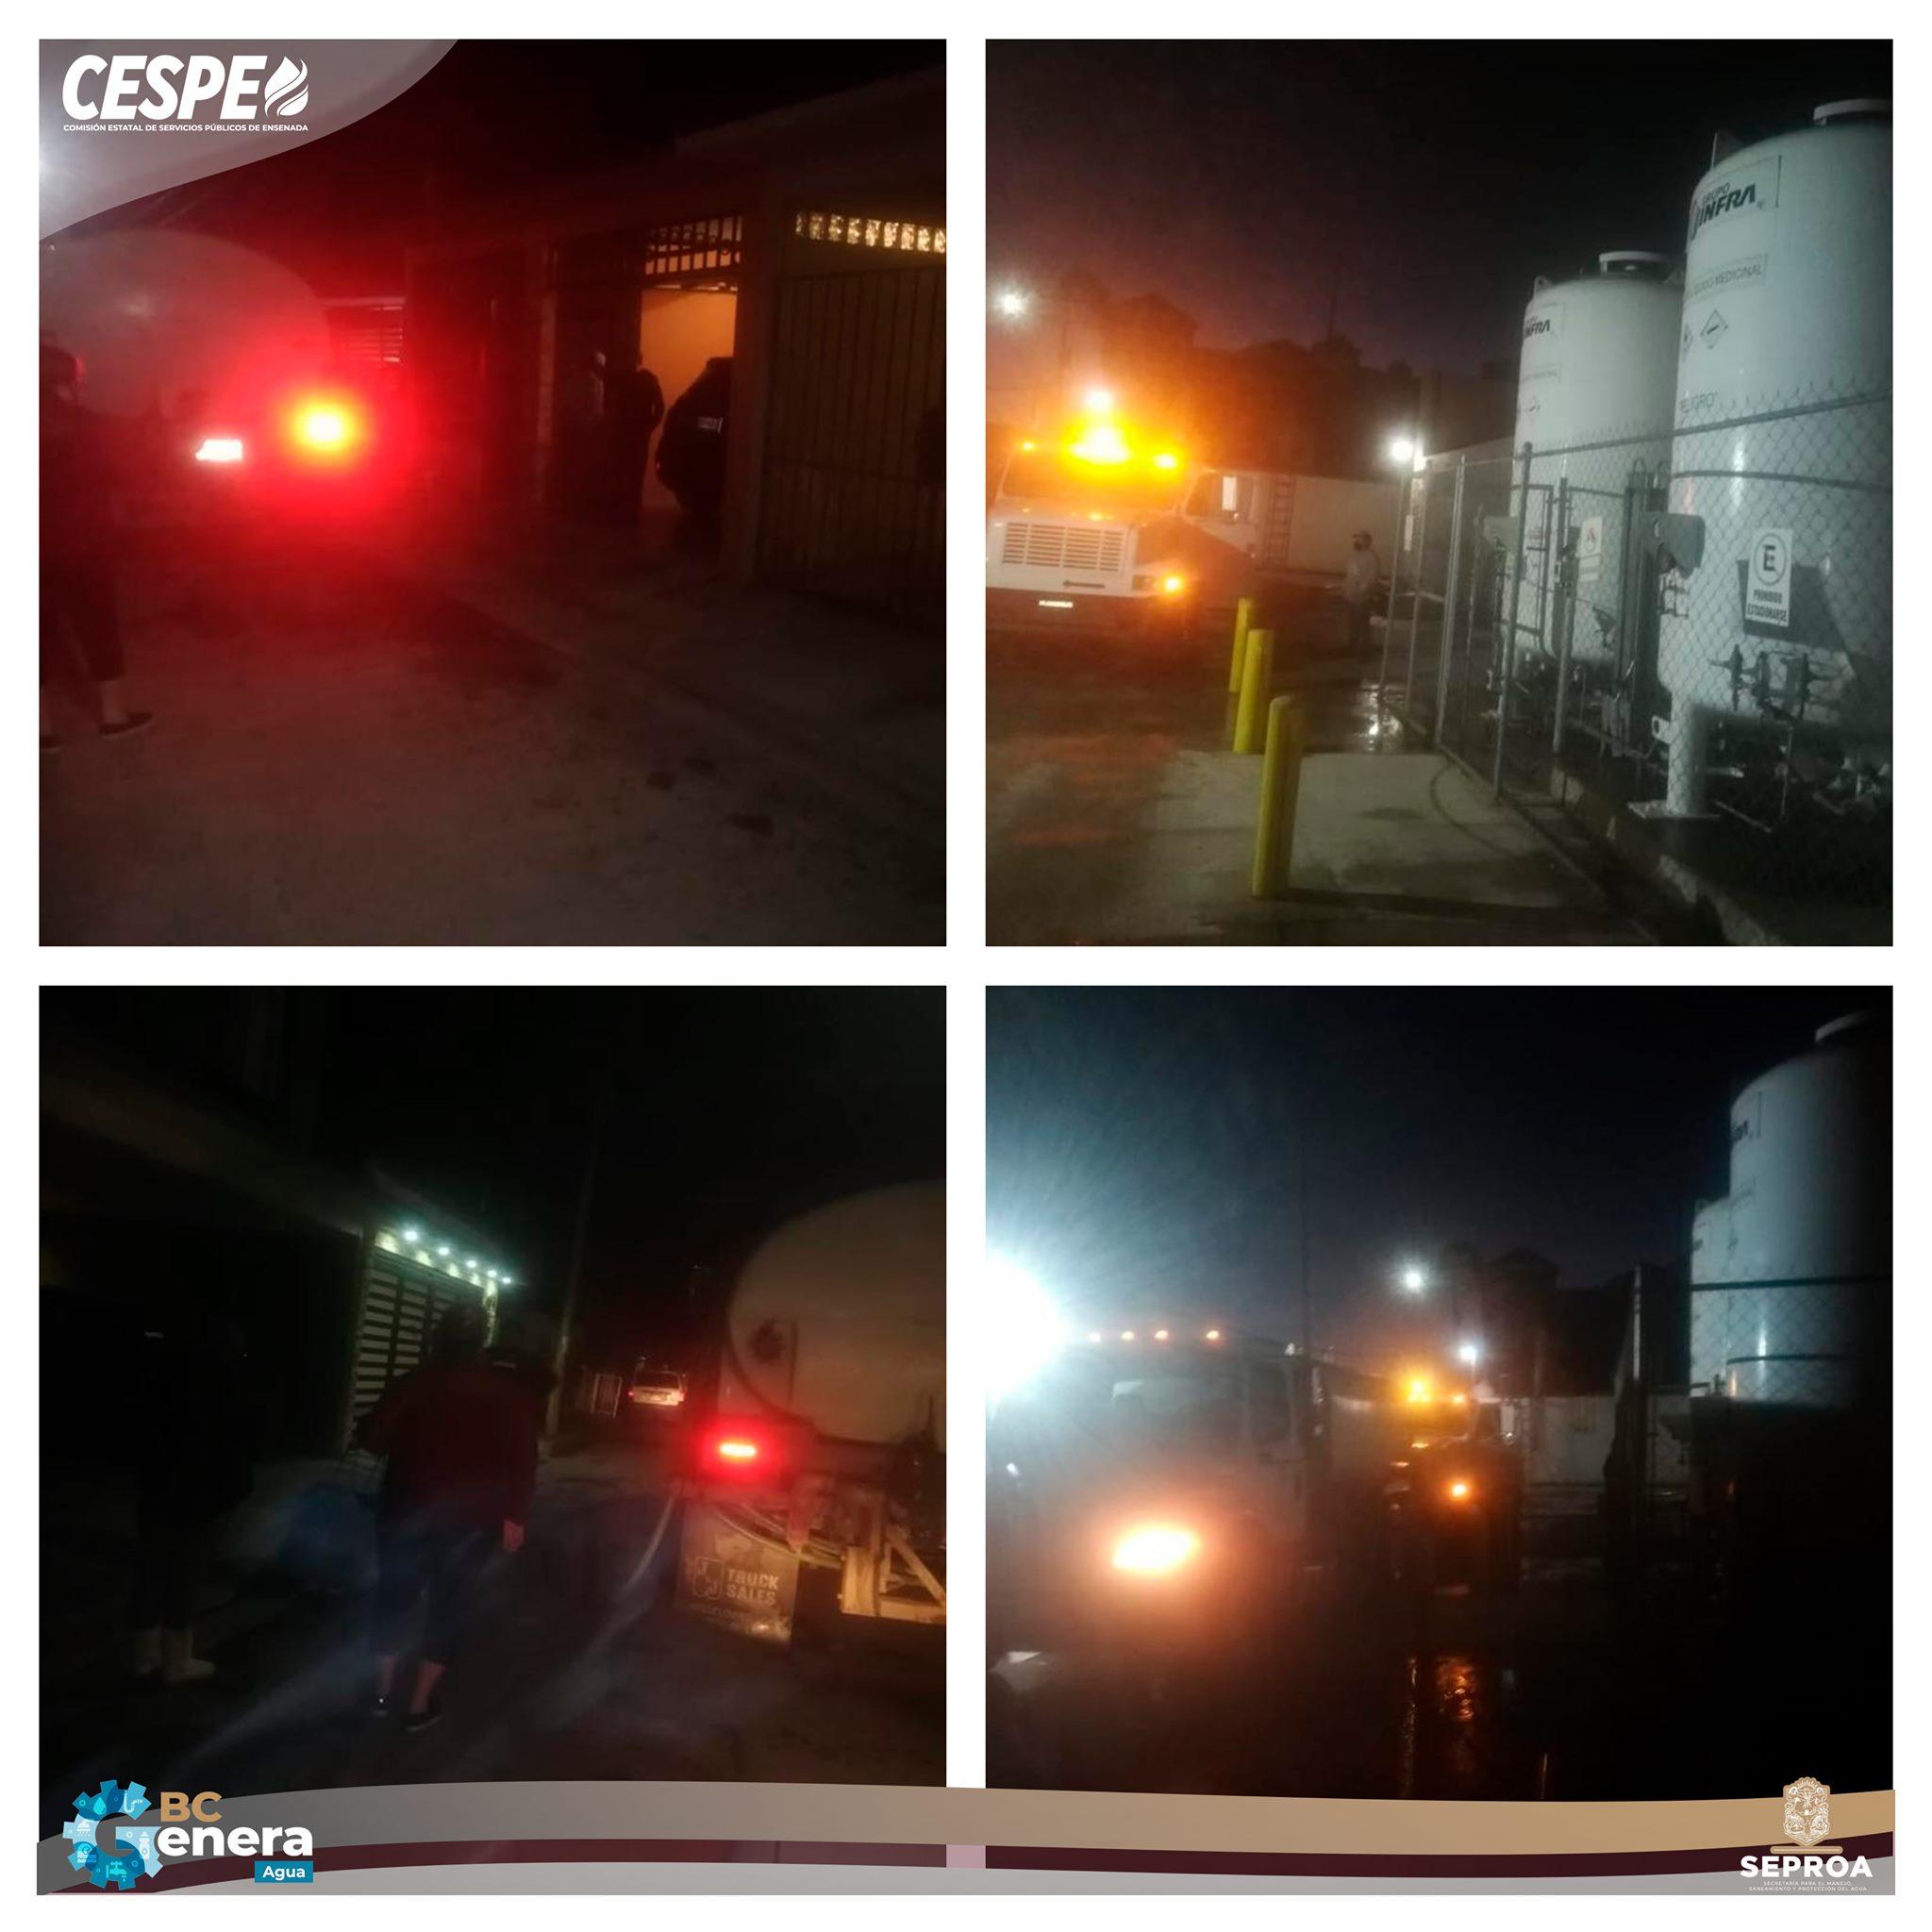 Continúa la CESPE atendiendo abastecimiento de agua en pipas en las colonias afectadas por la suspensión de operación de los Tanques #ValleDorado.